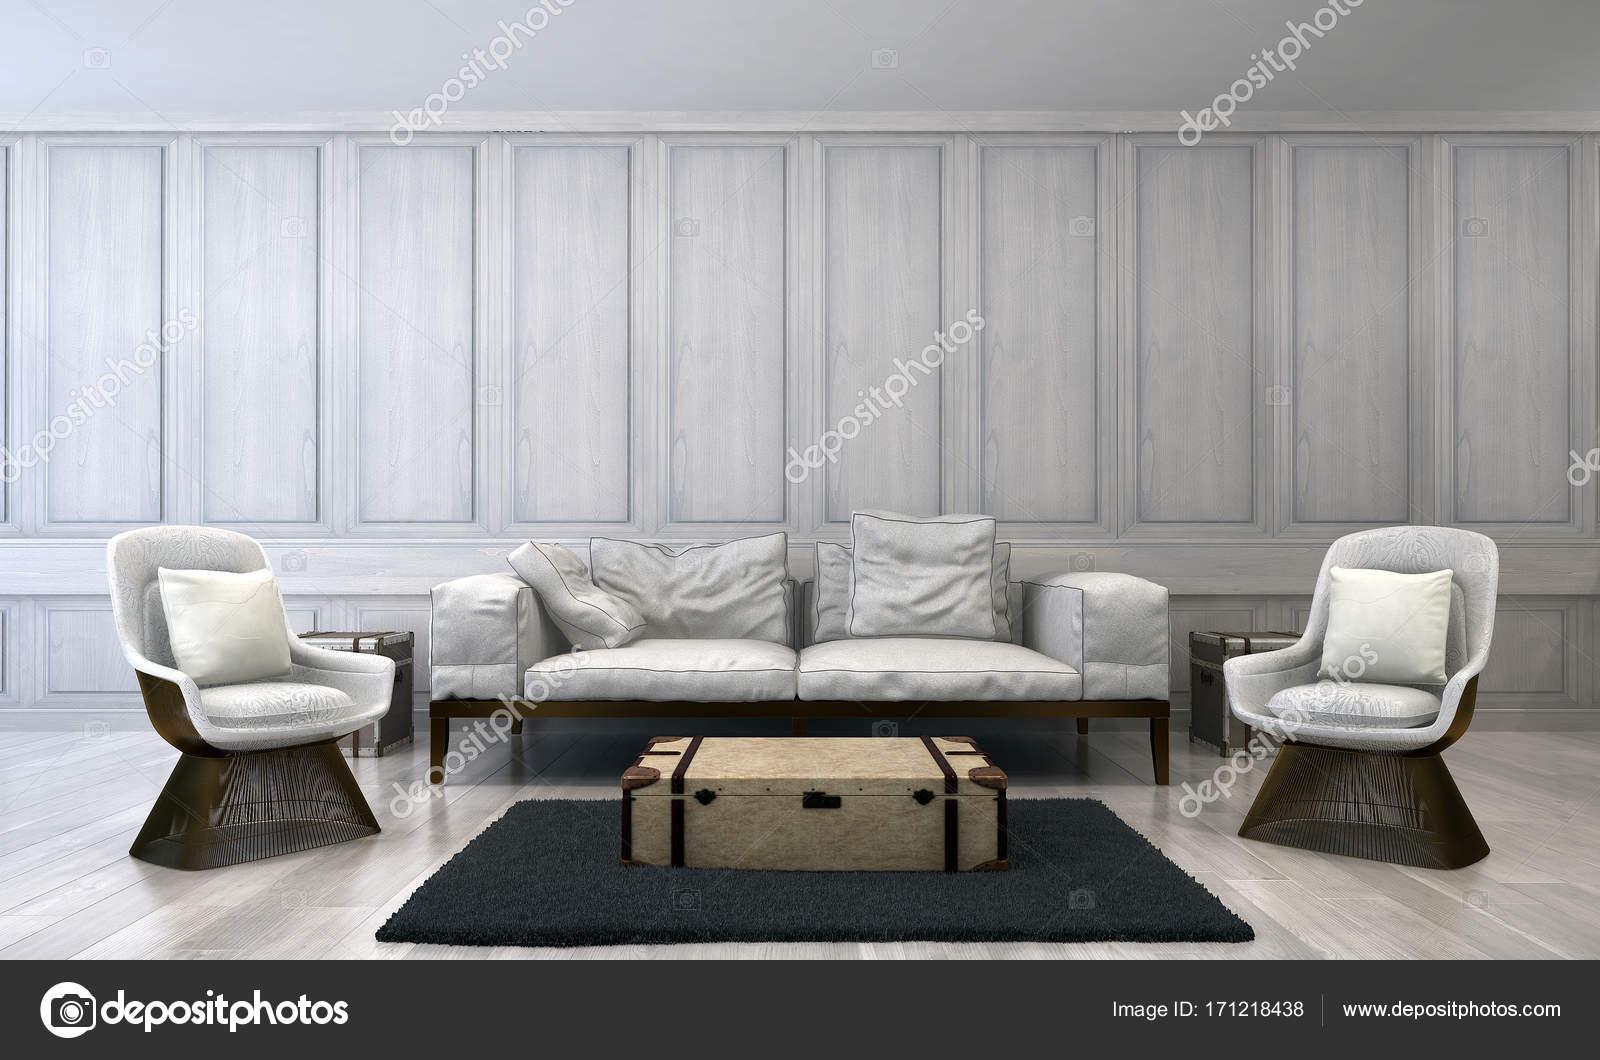 Das Interior Design Des Luxus Wohnzimmer Und Holz Wand Muster